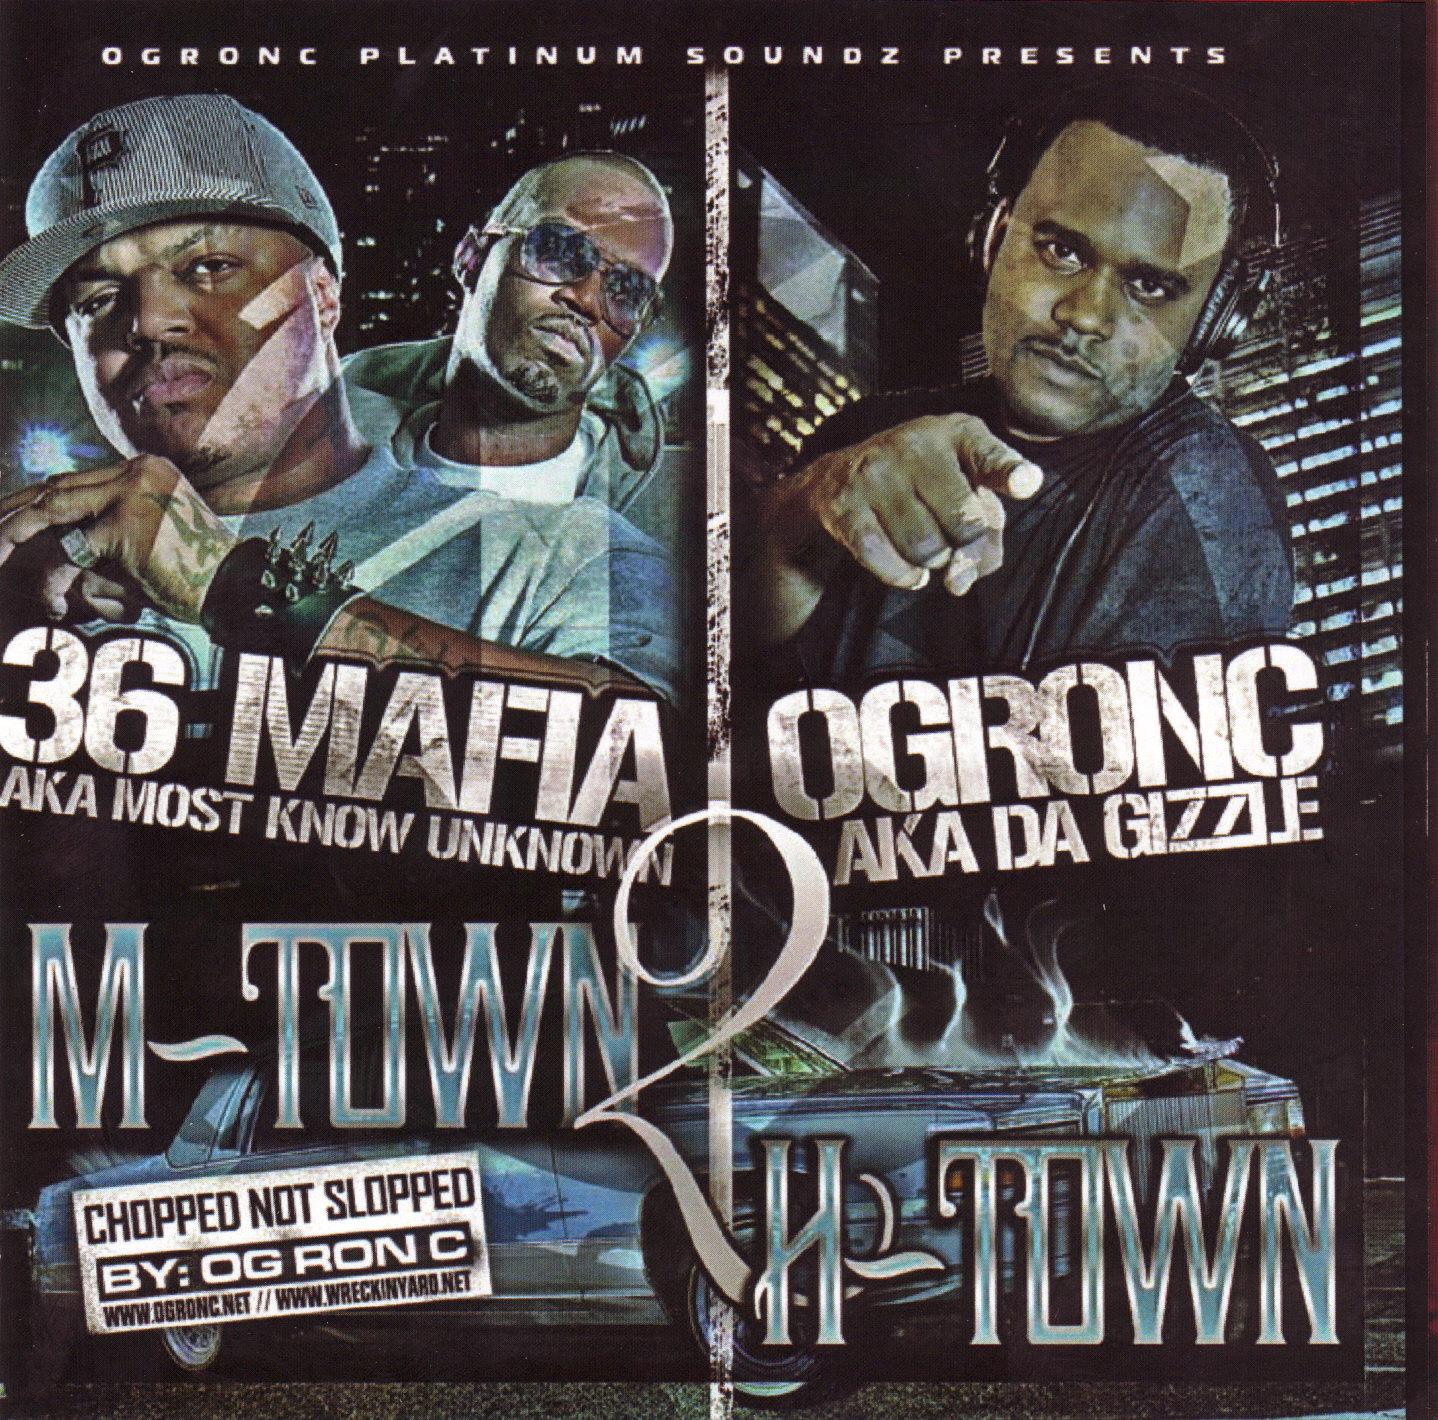 http://3.bp.blogspot.com/-FI0uHDGtqOQ/Ty8PAkL_QLI/AAAAAAAACv0/5-jxBbdgJ_o/s1600/00-va-3_6_mafia_and_og_ron_c-m-town_2_h-town-%2528bootleg%2529-2007-gt4-front.jpg